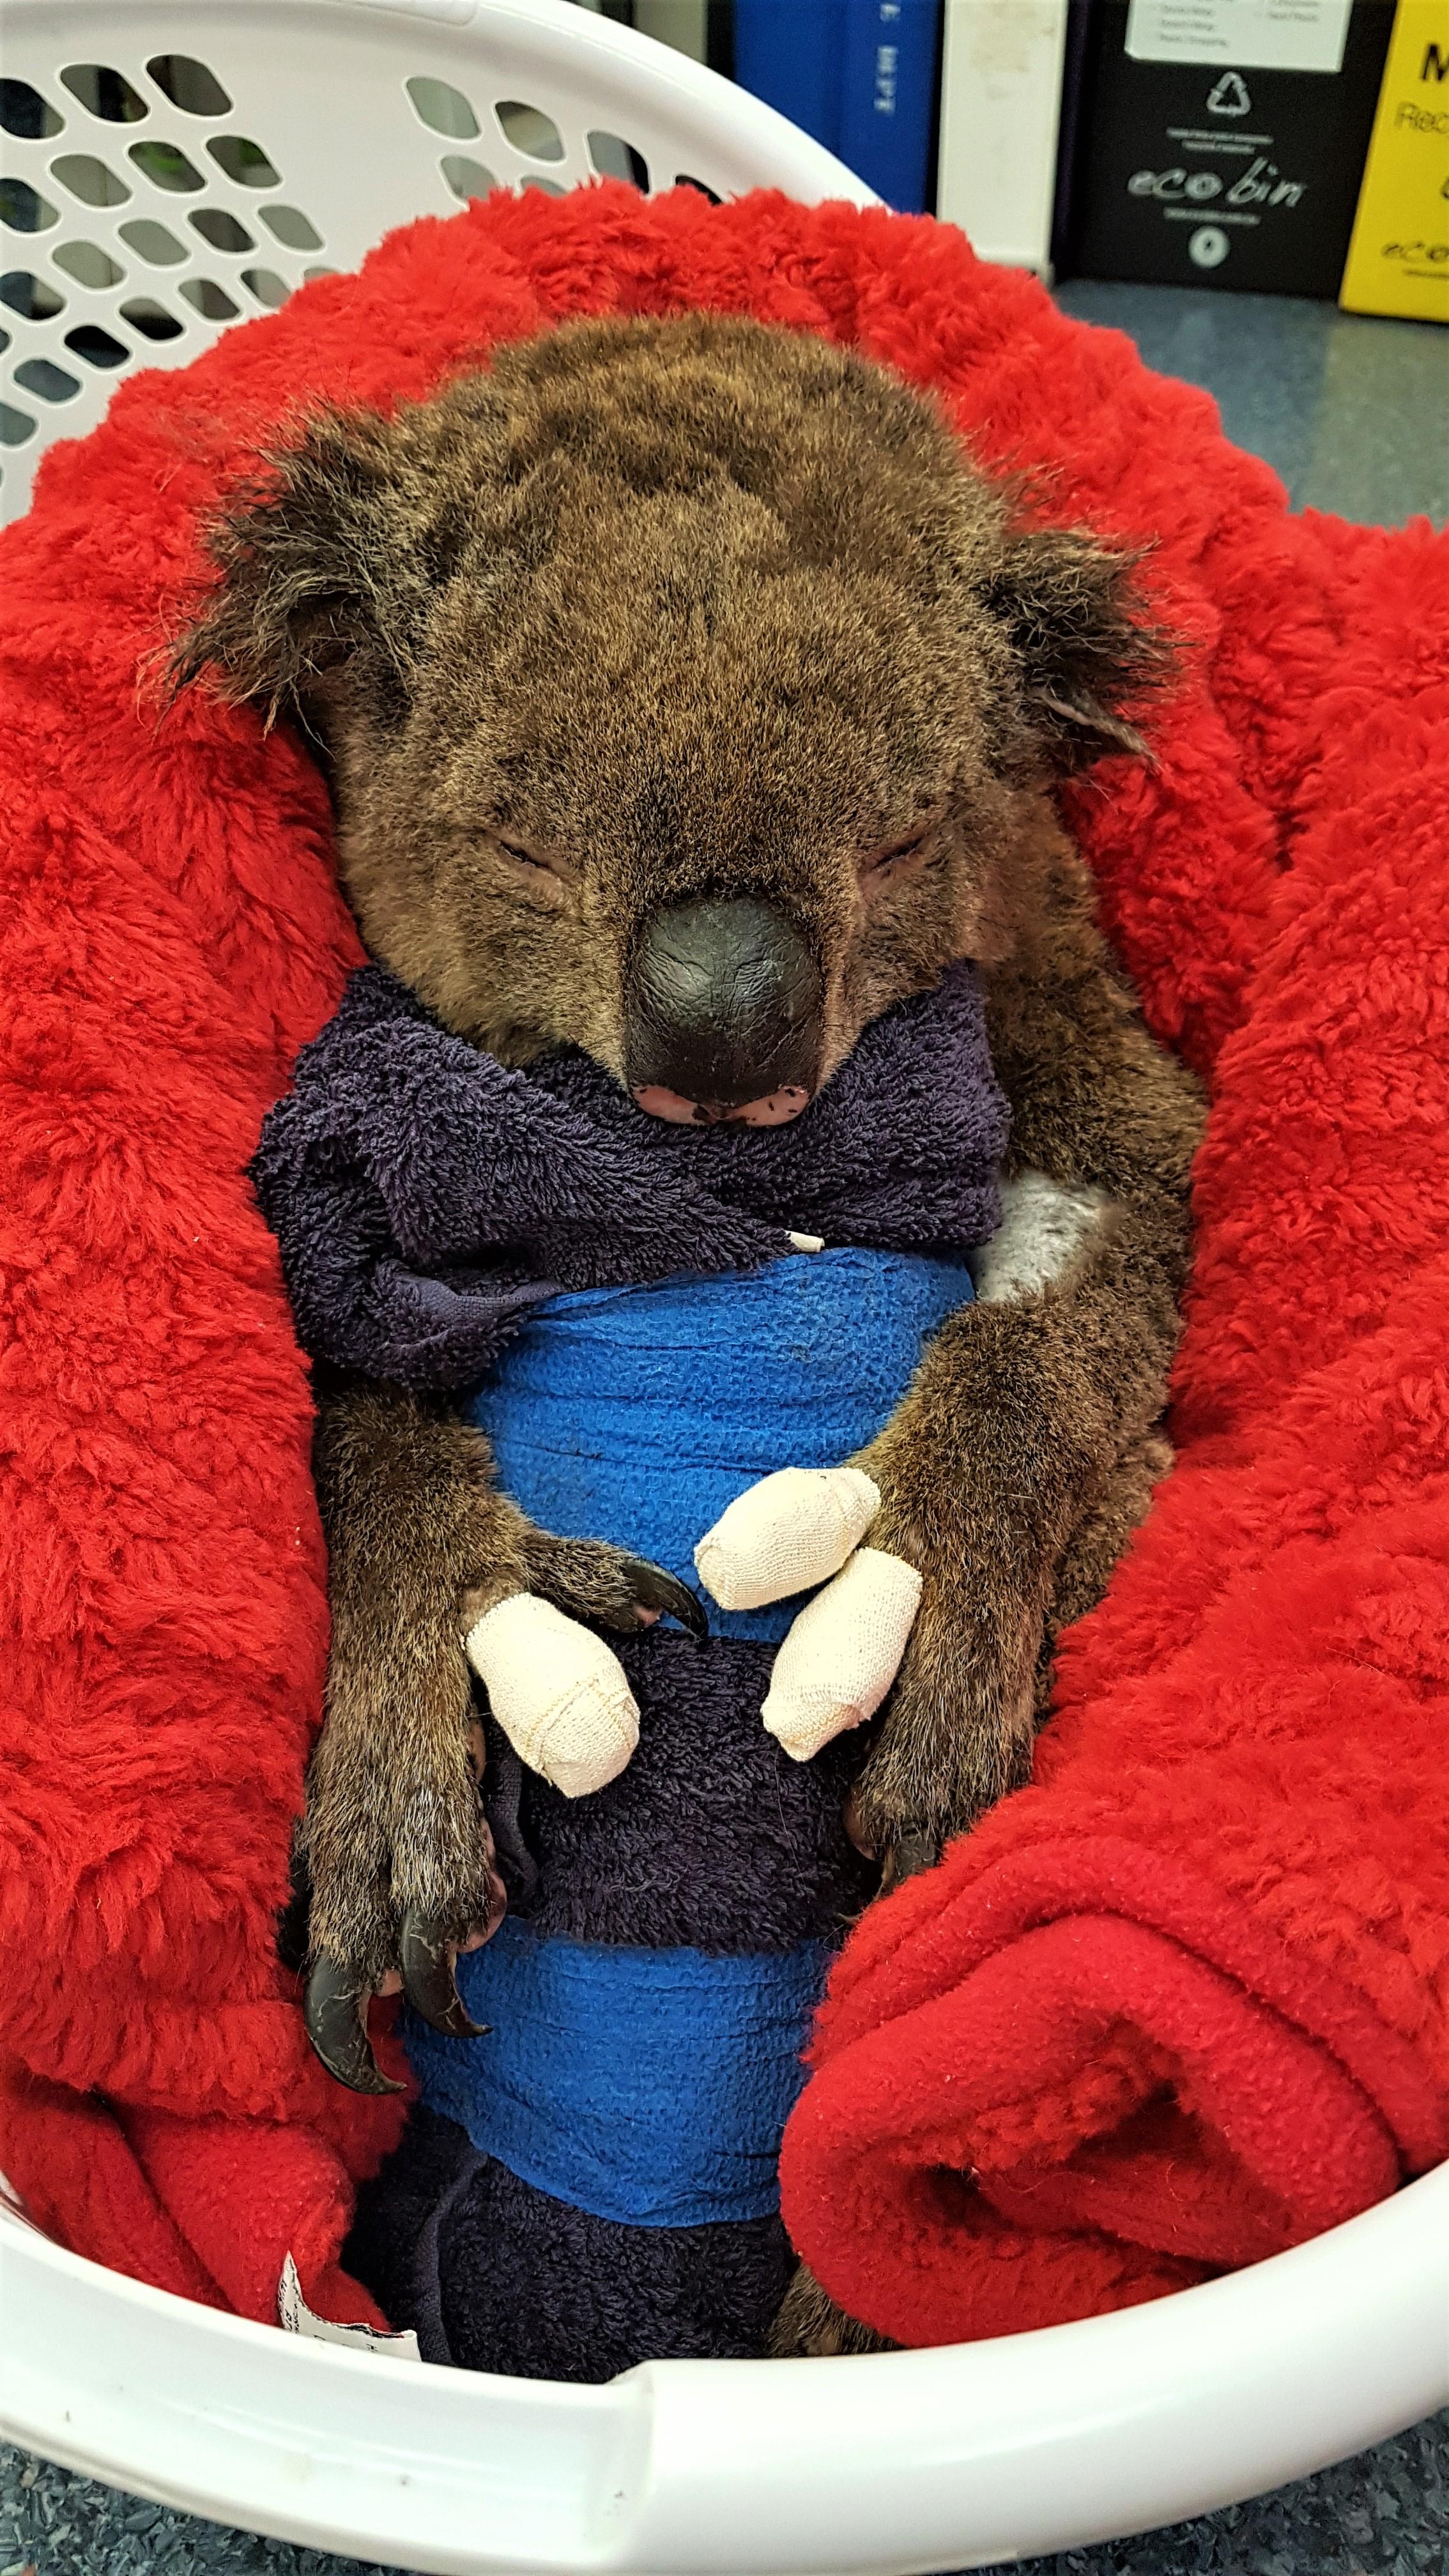 https://rfacdn.nz/zoo/assets/media/20200209-135209-koala-in-basket-in-blanket.jpg